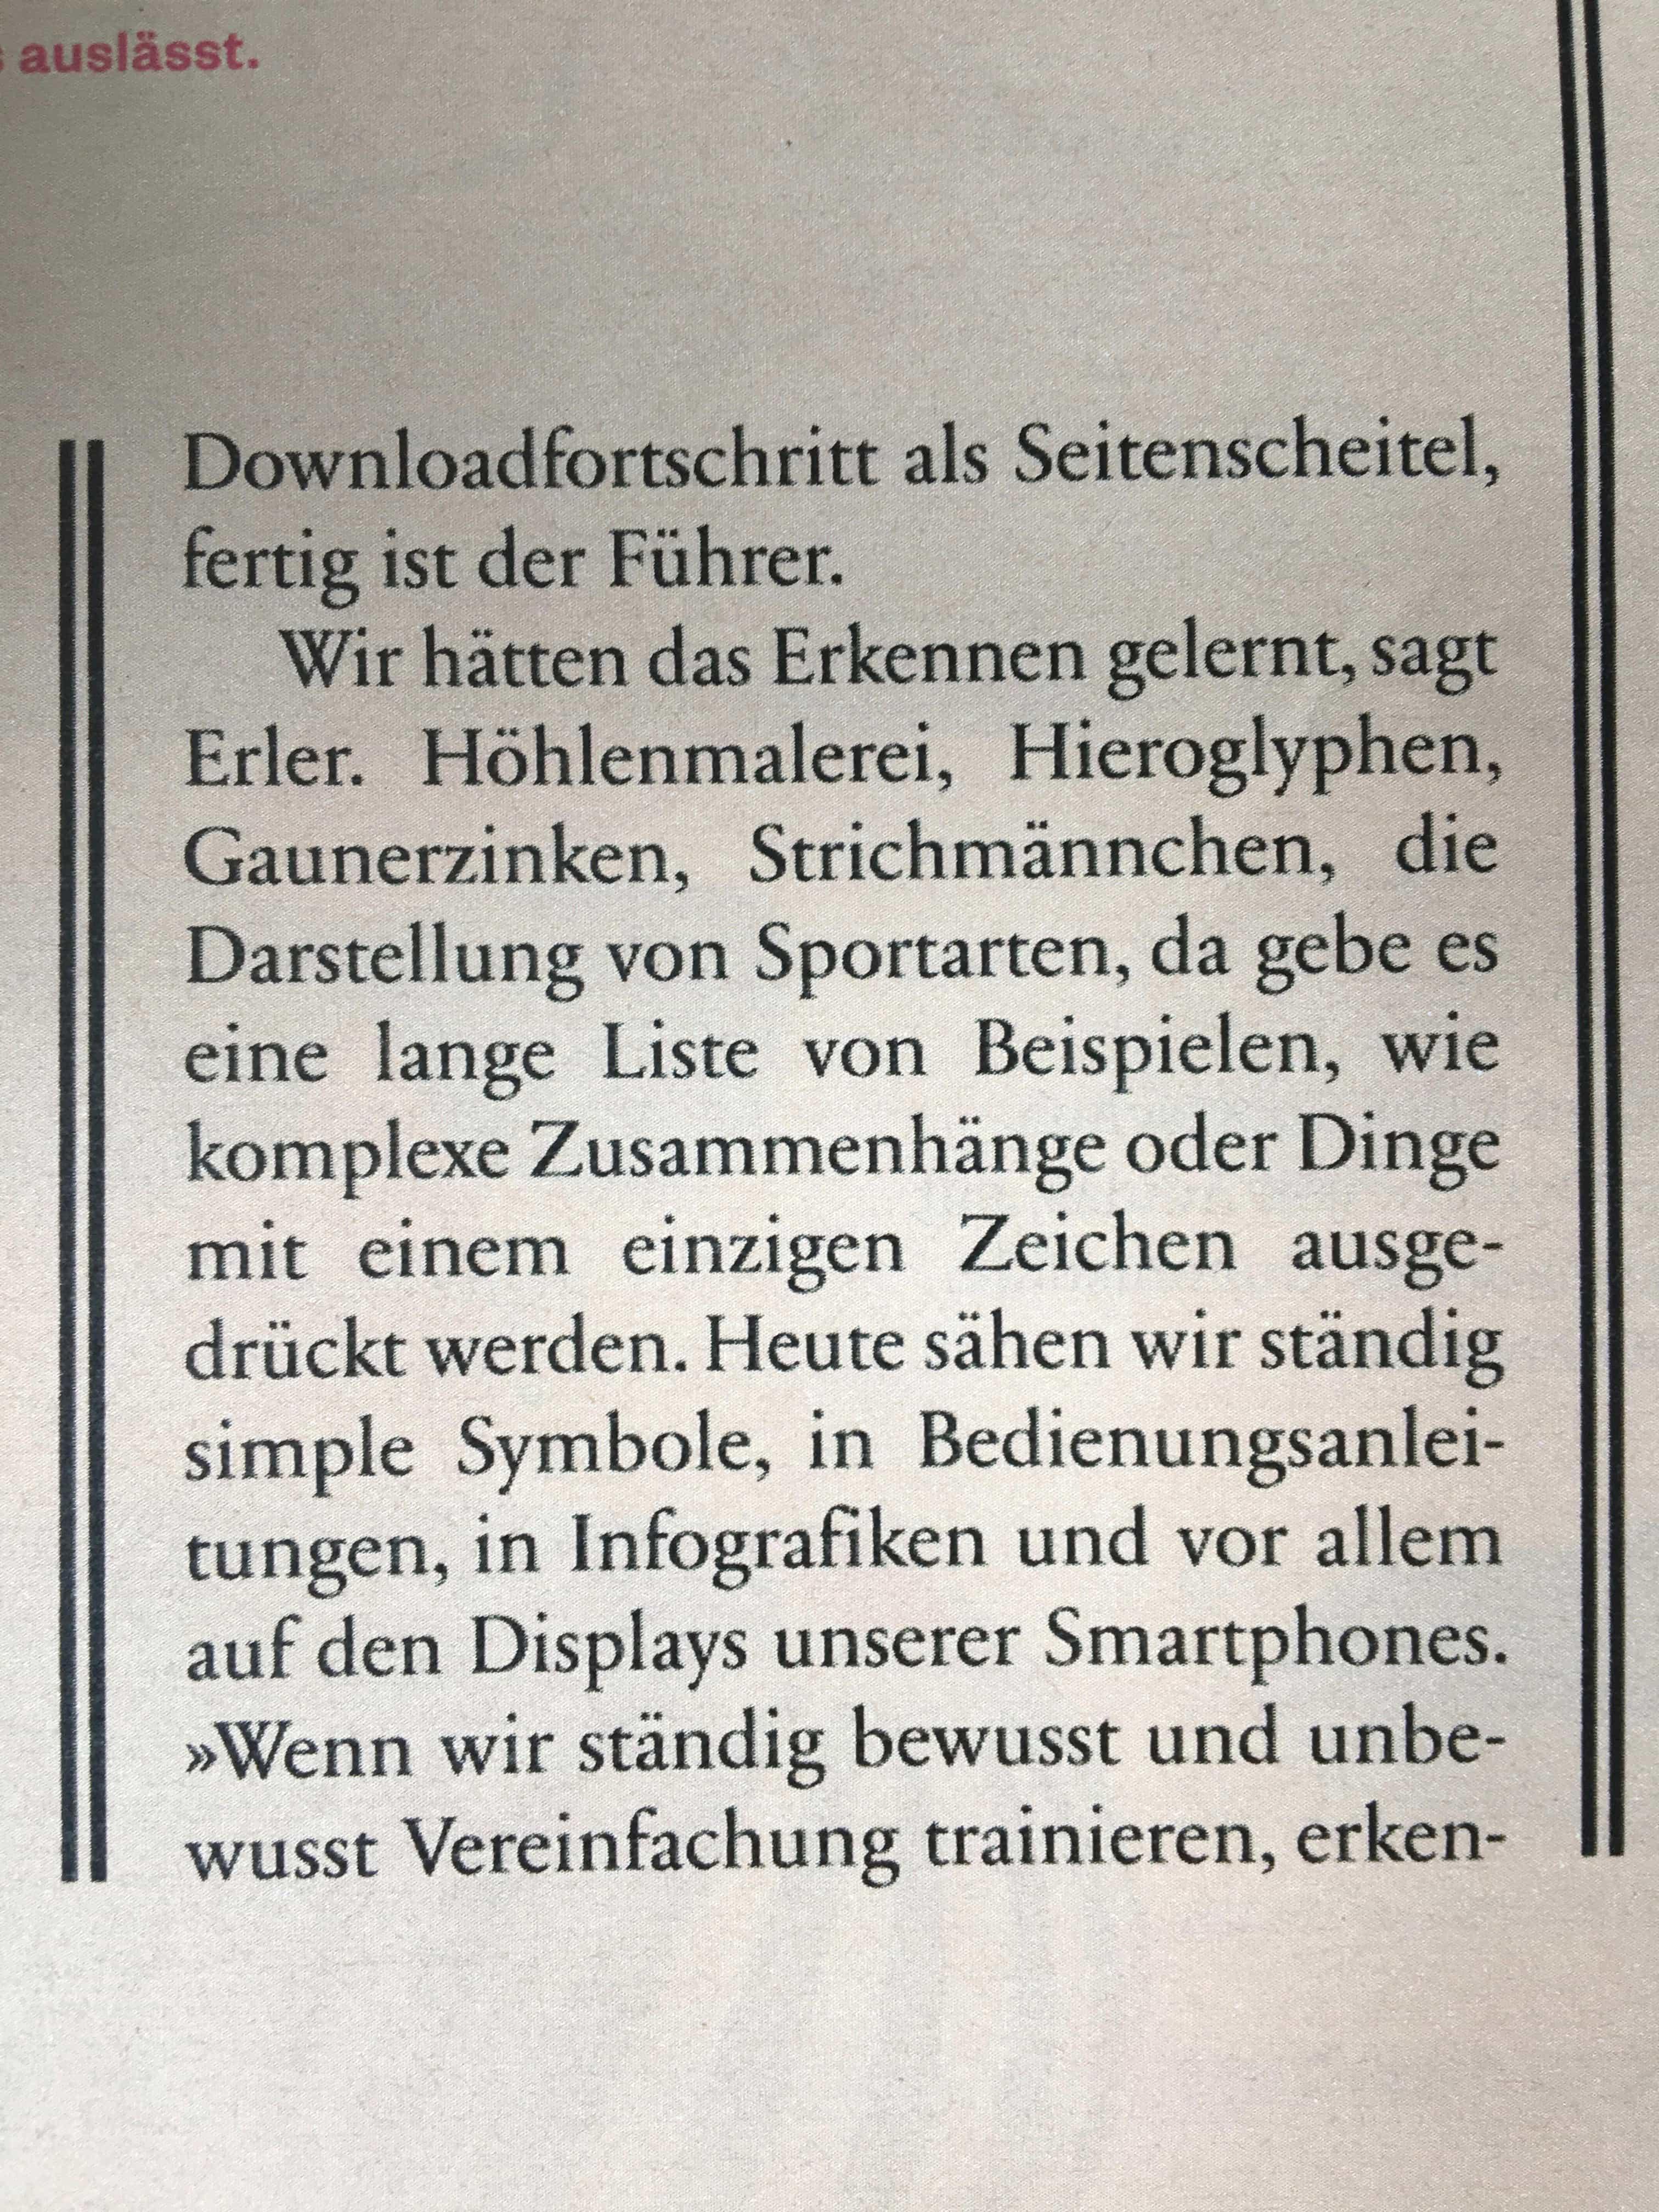 Bureau Johannes Erler – Speck lass nach!